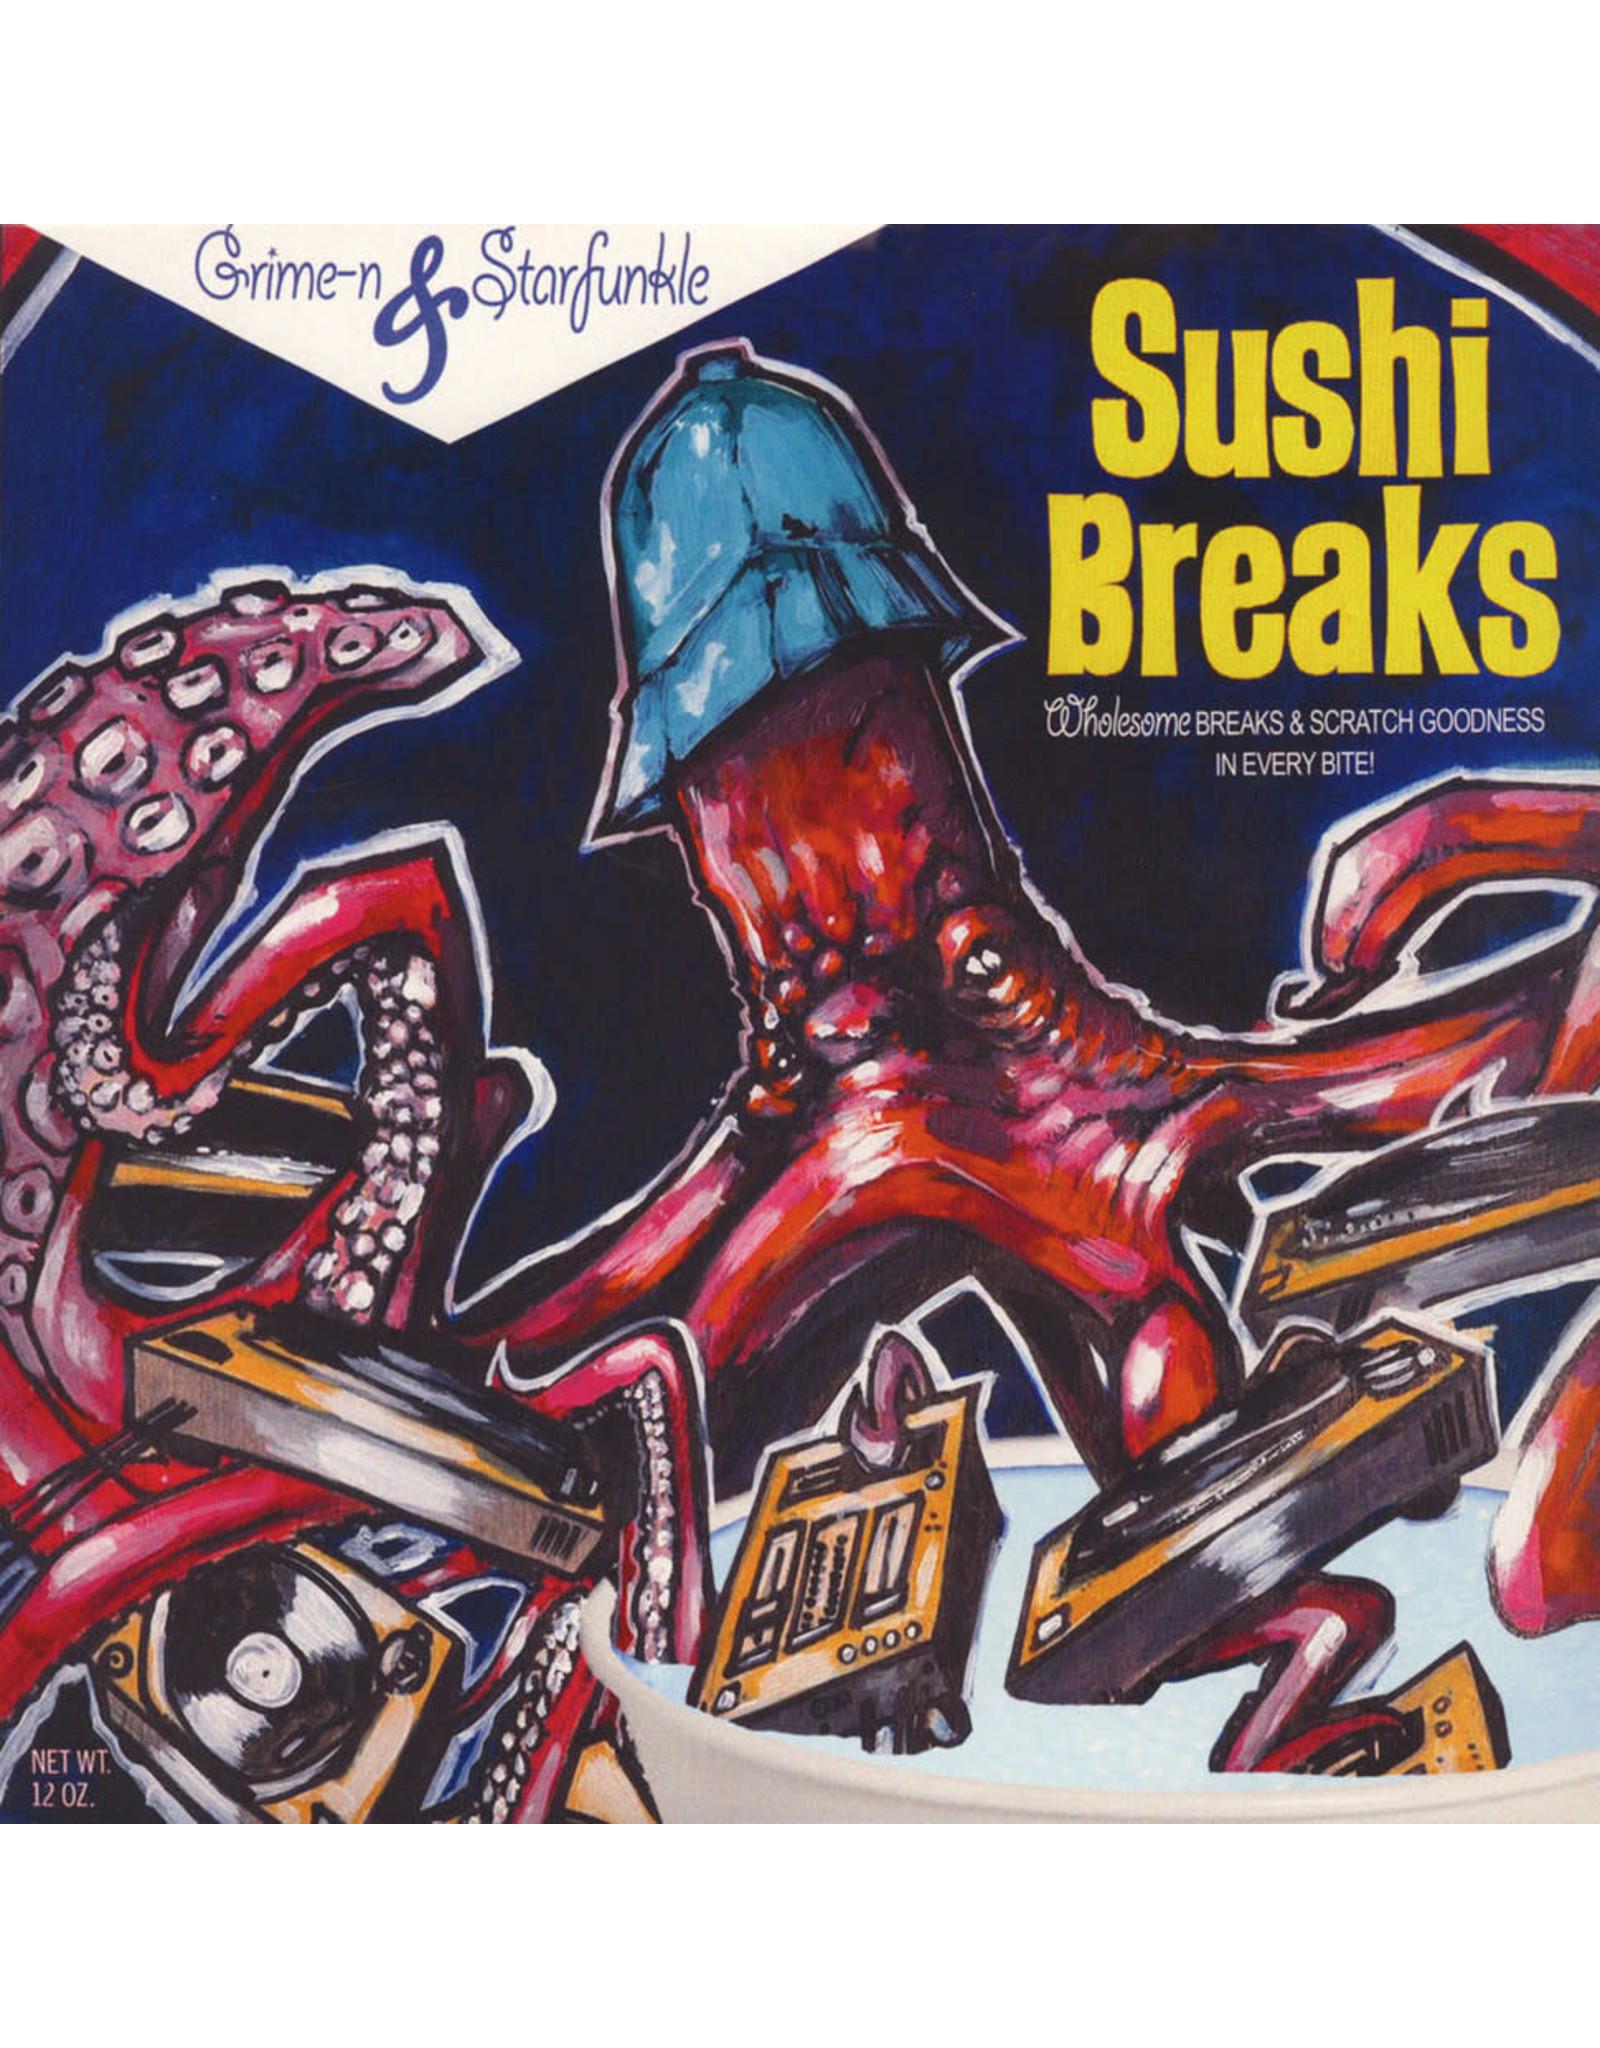 New Vinyl Grime-n & Starfunkle - Sushi Breaks LP